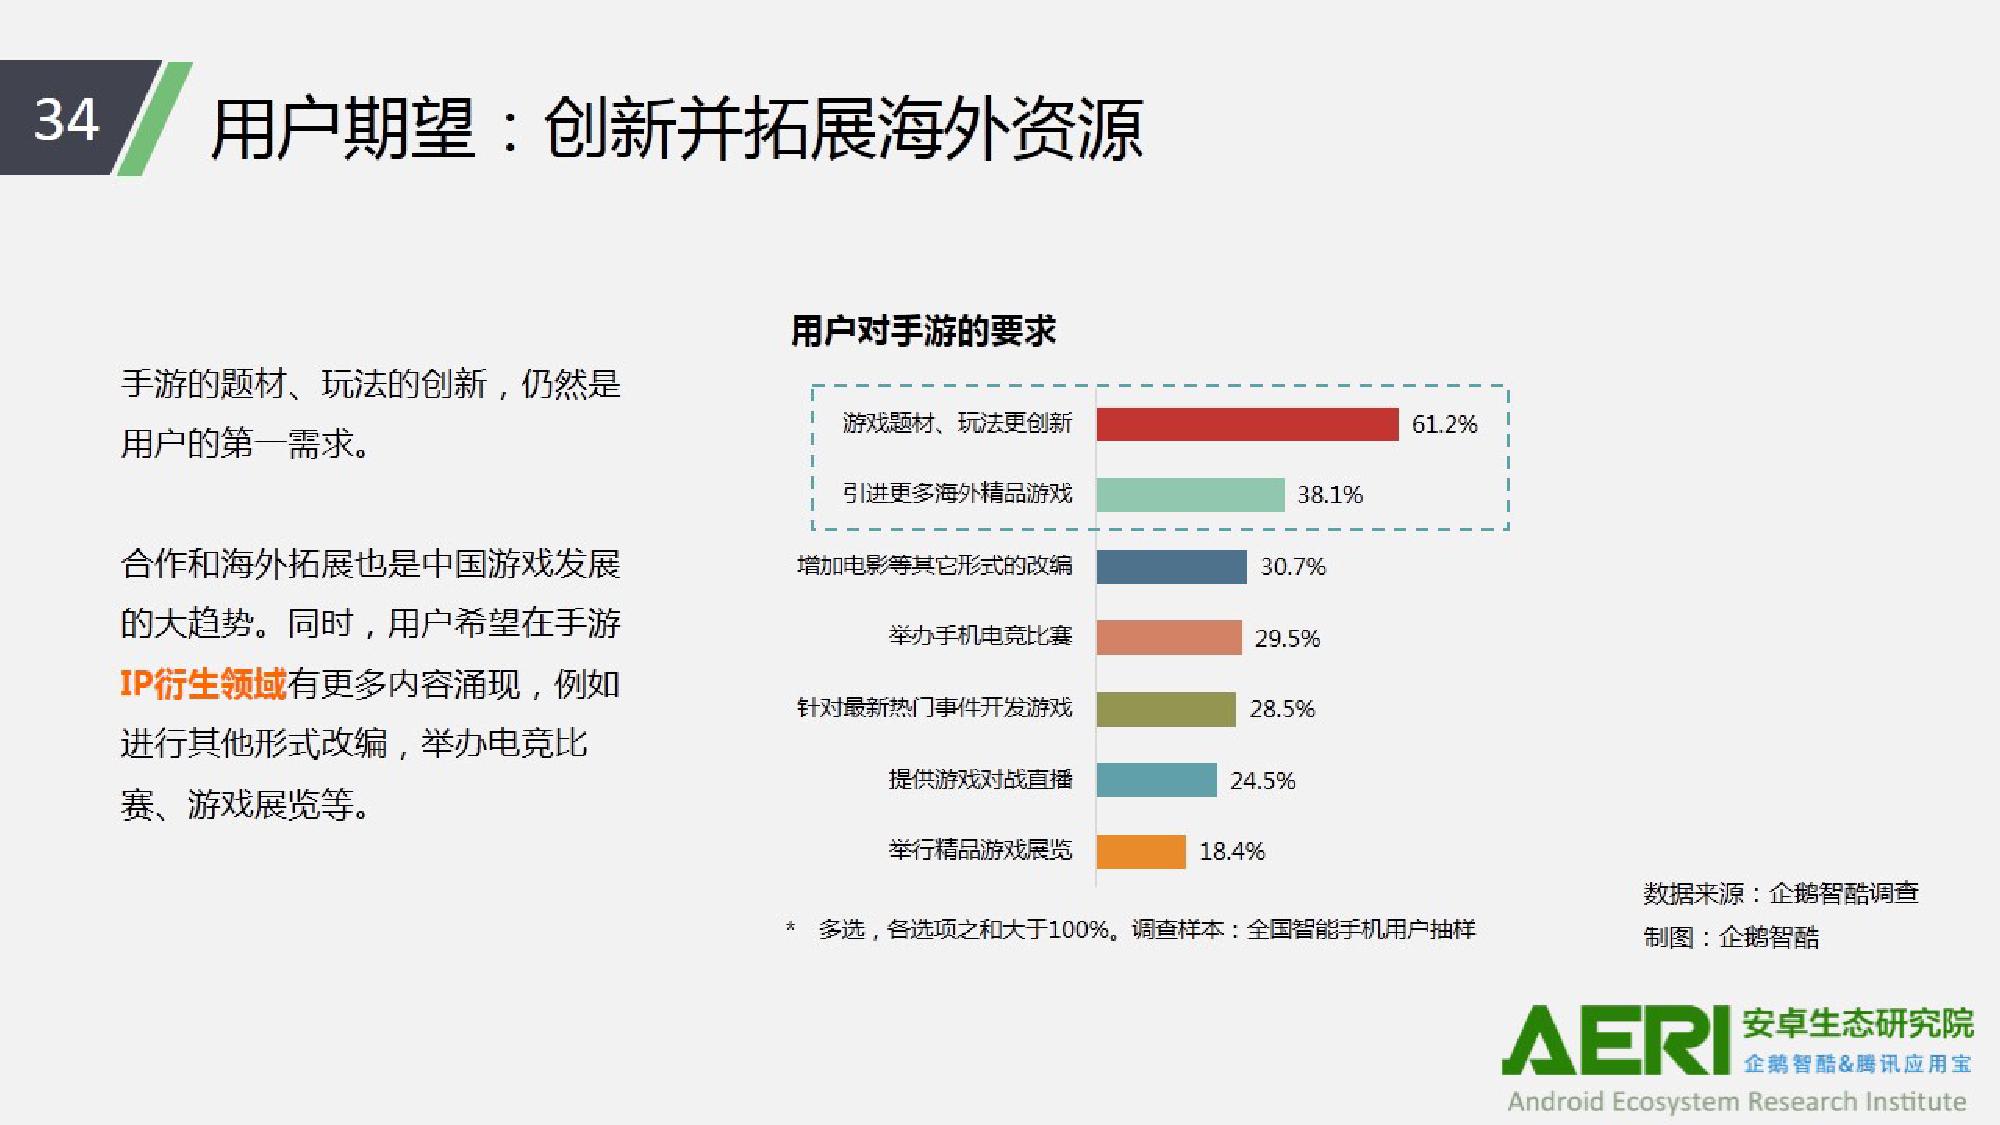 中国手游行业2016大数据报告_000035